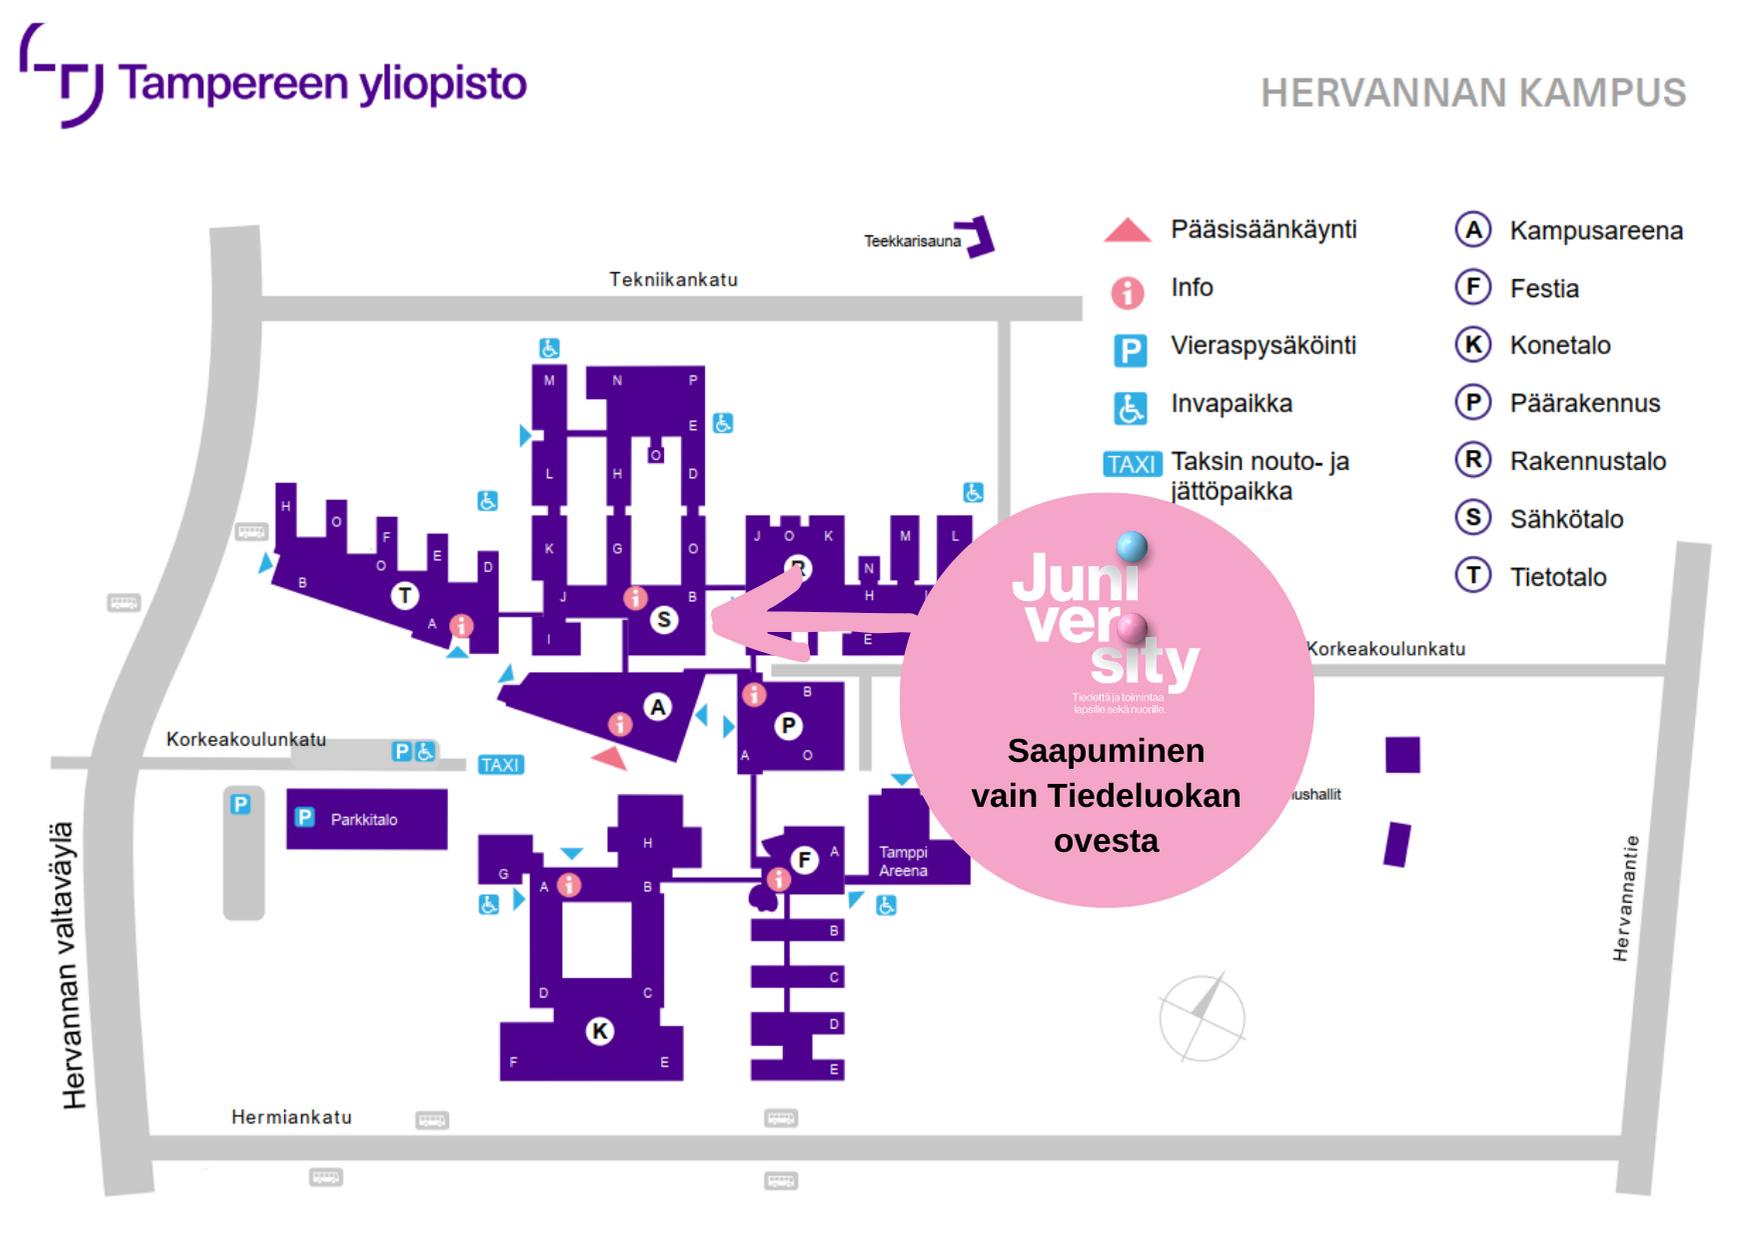 Tampereen yliopiston Hervannan kampuksen kartta, johon merkattu juniversityn ulko-ovi.